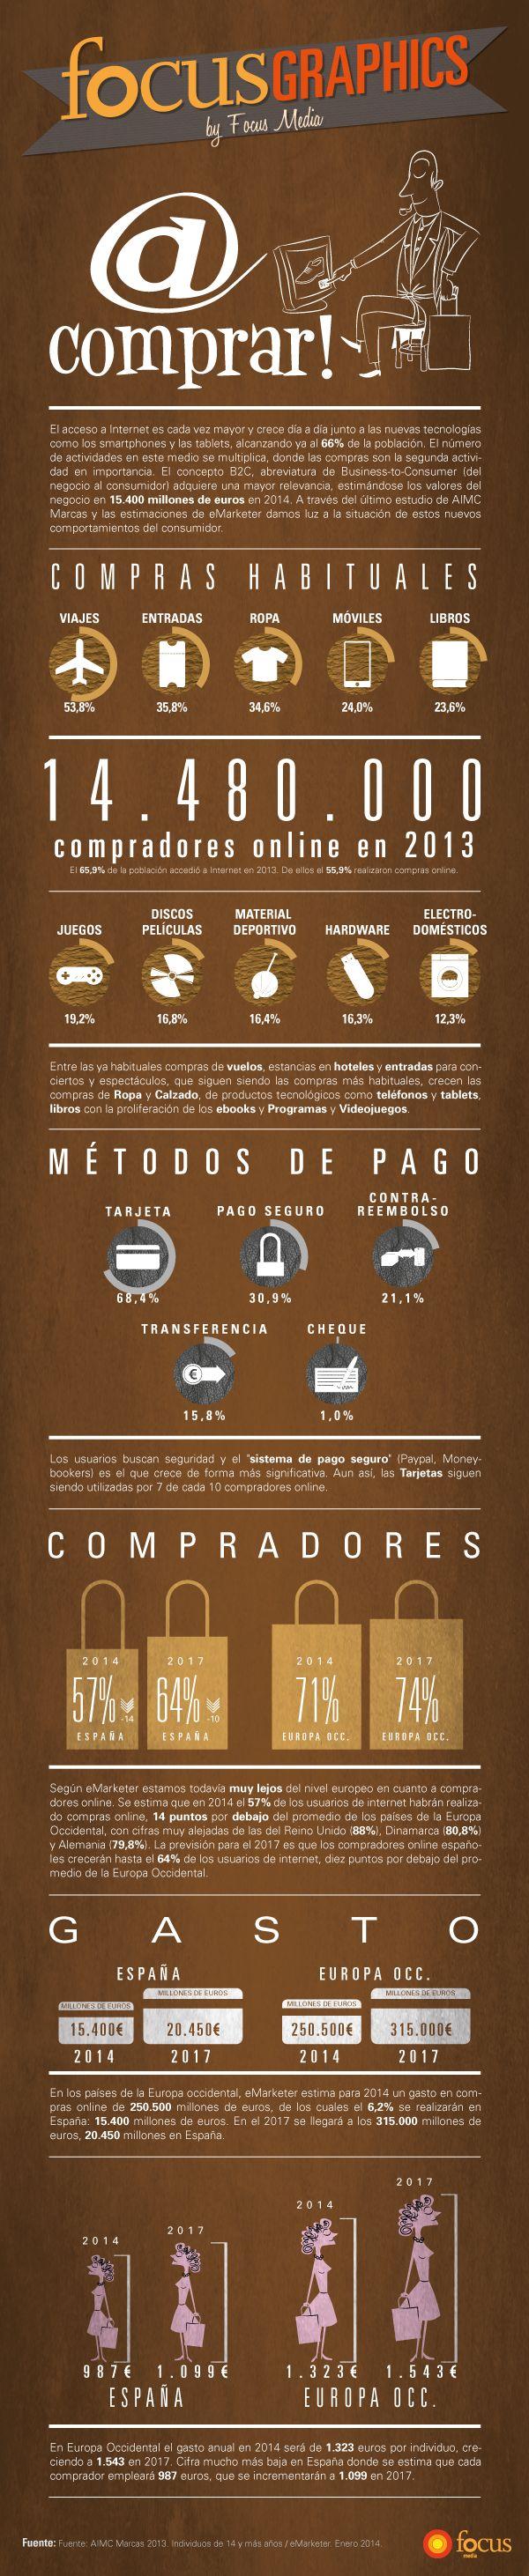 Compras online en España. 14 puntos por debajo de la media europea.  #infografia #ecommerce #iinfographic